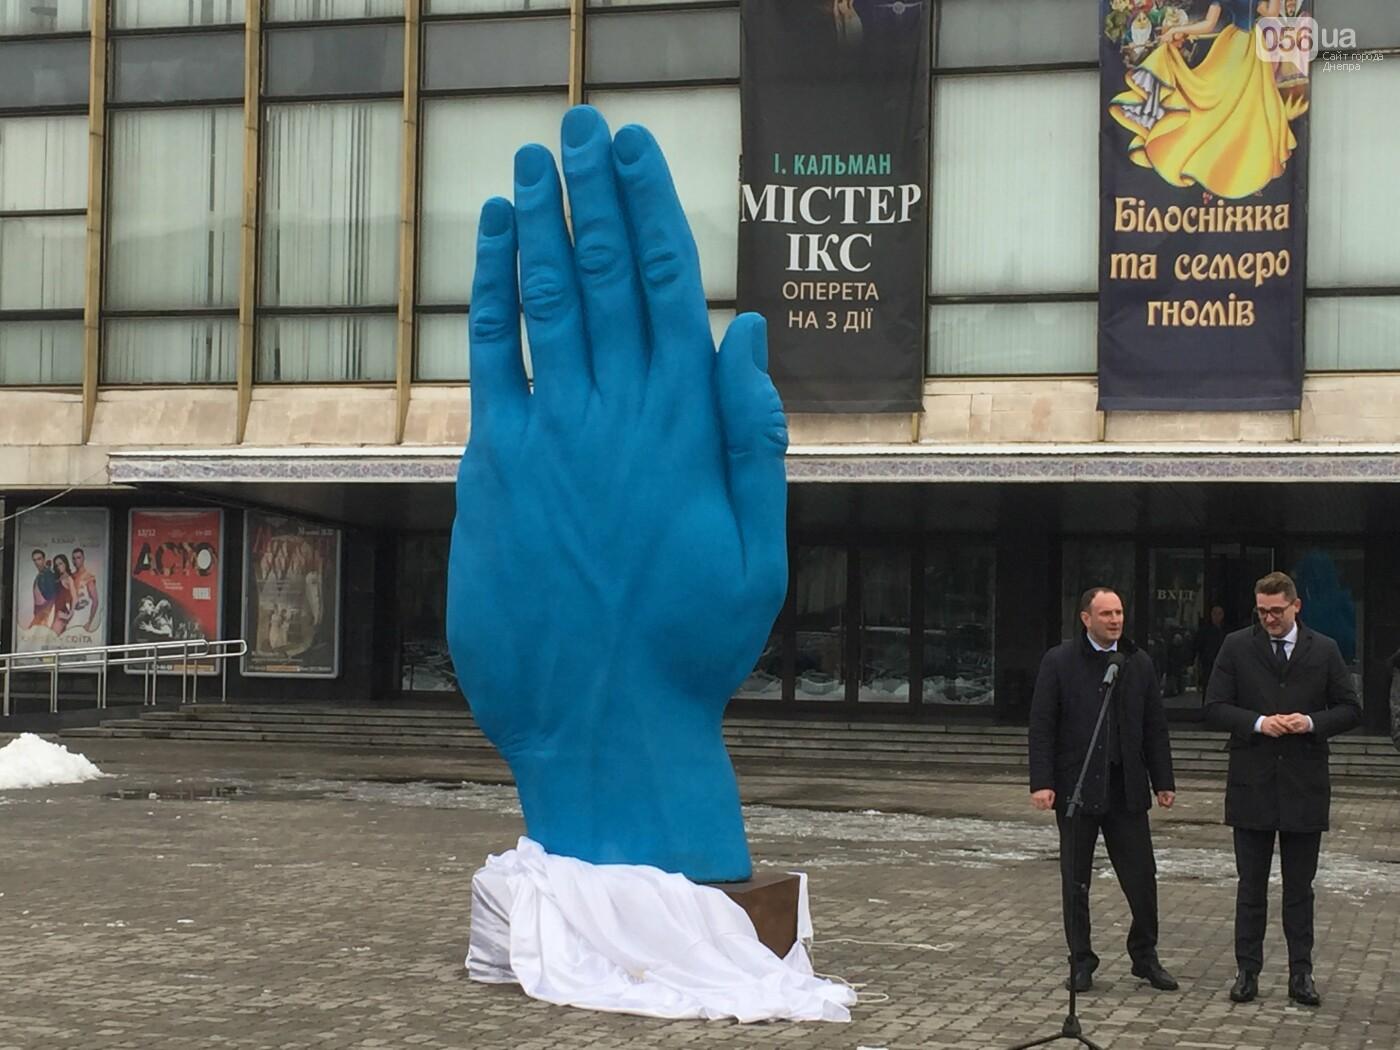 В центре Днепра появилась гигантская синяя рука: что значит этот арт-объект, - ФОТО, ВИДЕО, фото-6